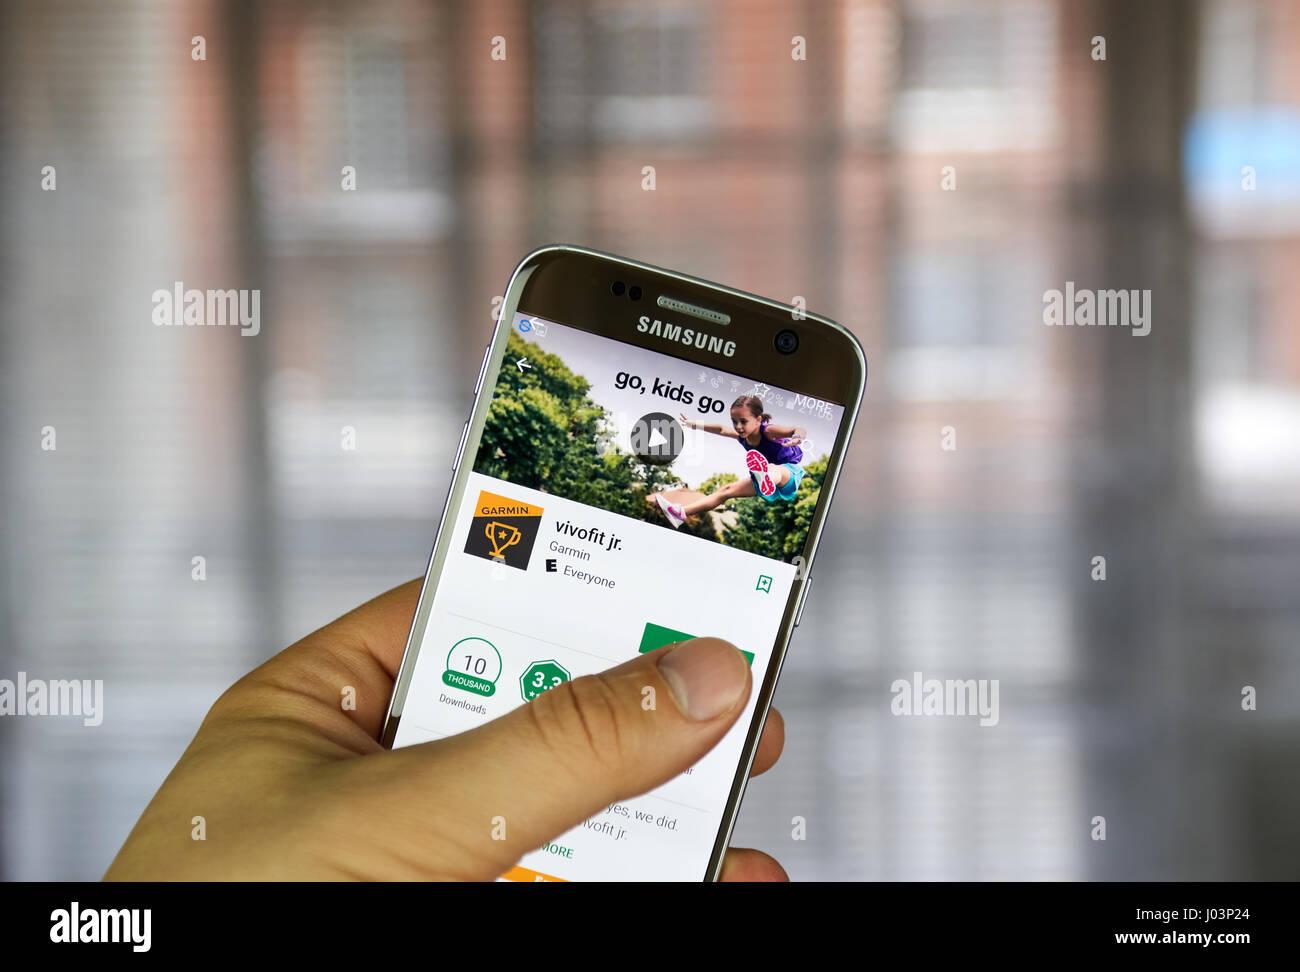 MONTREAL, CANADA - MARCH 10, 2017 : Garmin Vivofit jr app on